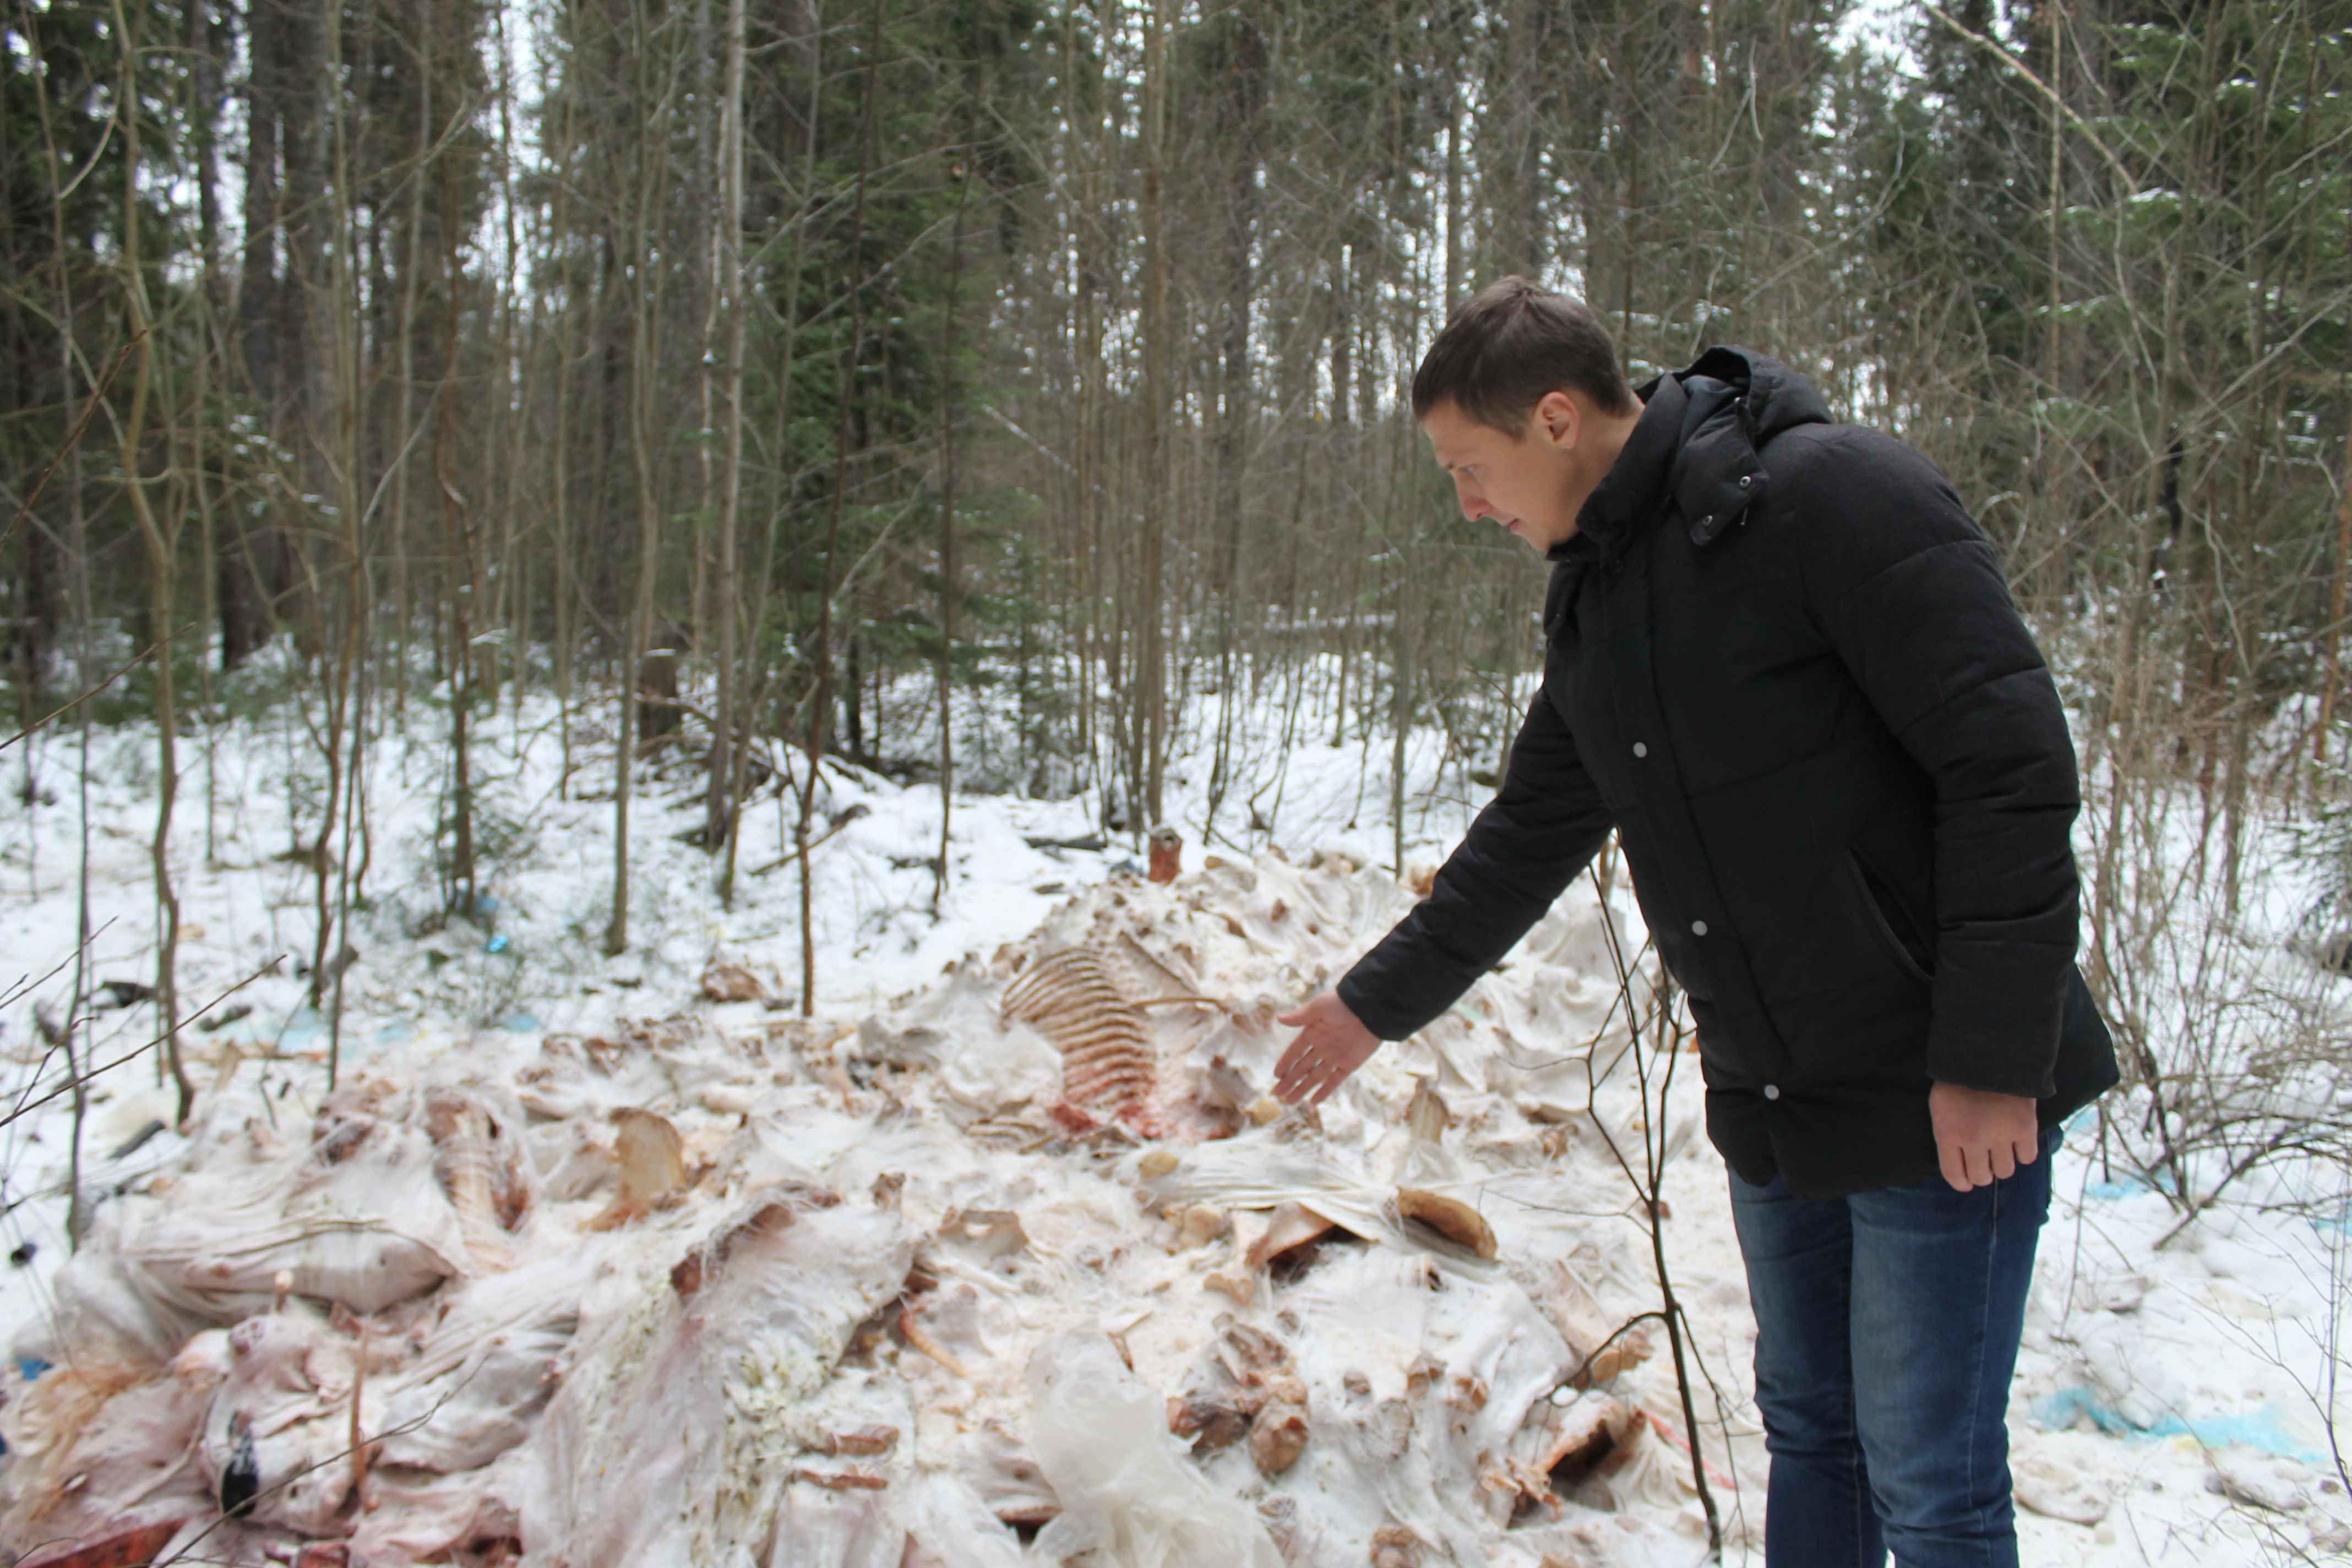 В Кирове найдена 5-ая свалка с останками животных